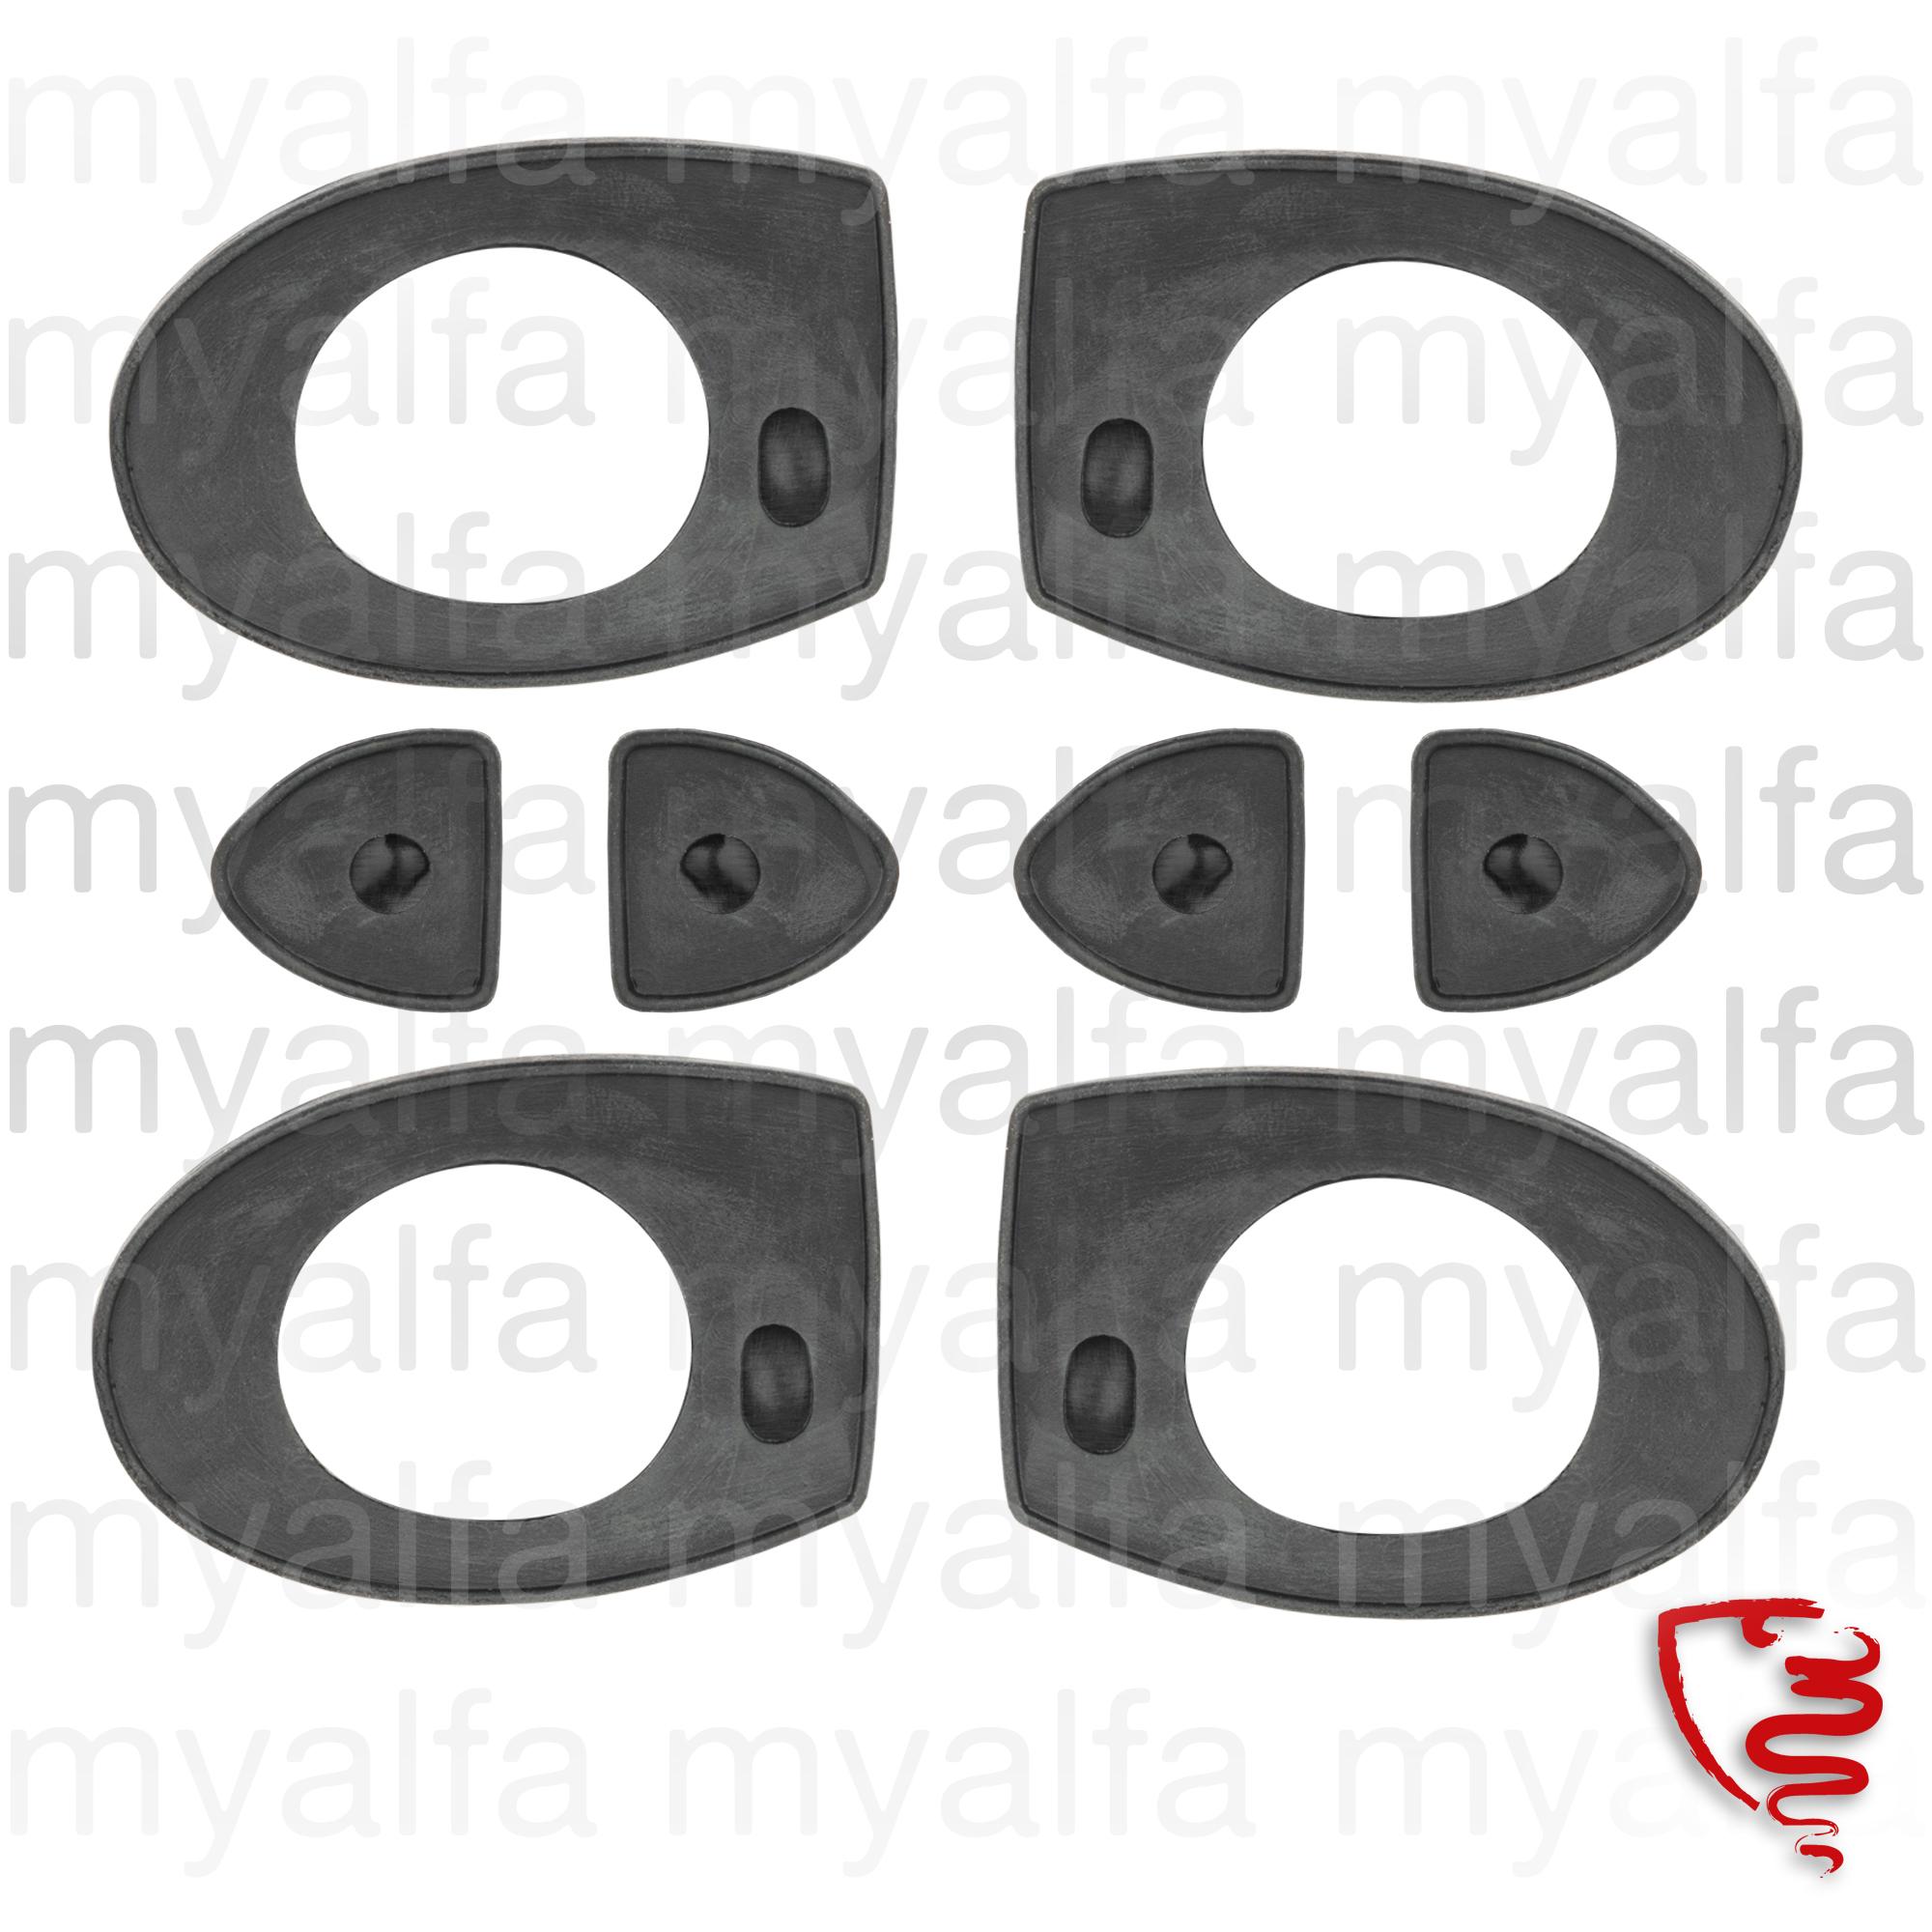 Jg. rubber handles doors Giulia 1969-77 for 105/115, Giulia, Body parts, Chrome Parts, Door, Rubber parts, Door grommets/felt/seals